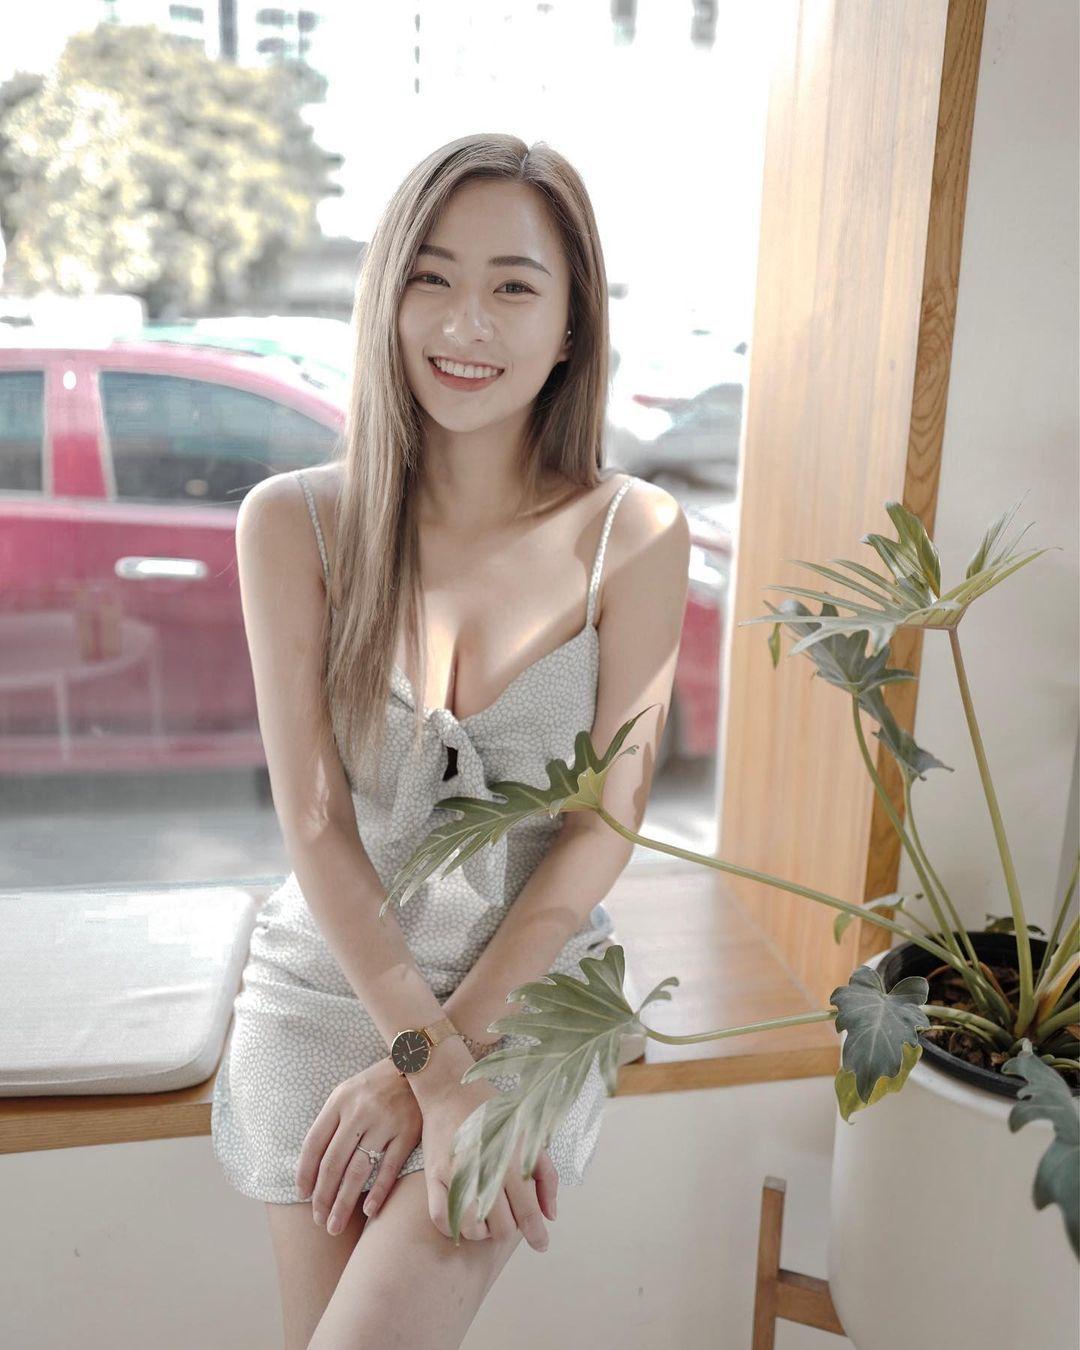 图片[10]-泰国也有天菜!清新神正「邻家美少女」,笑容甜美还有超纤细美腿!-福利巴士